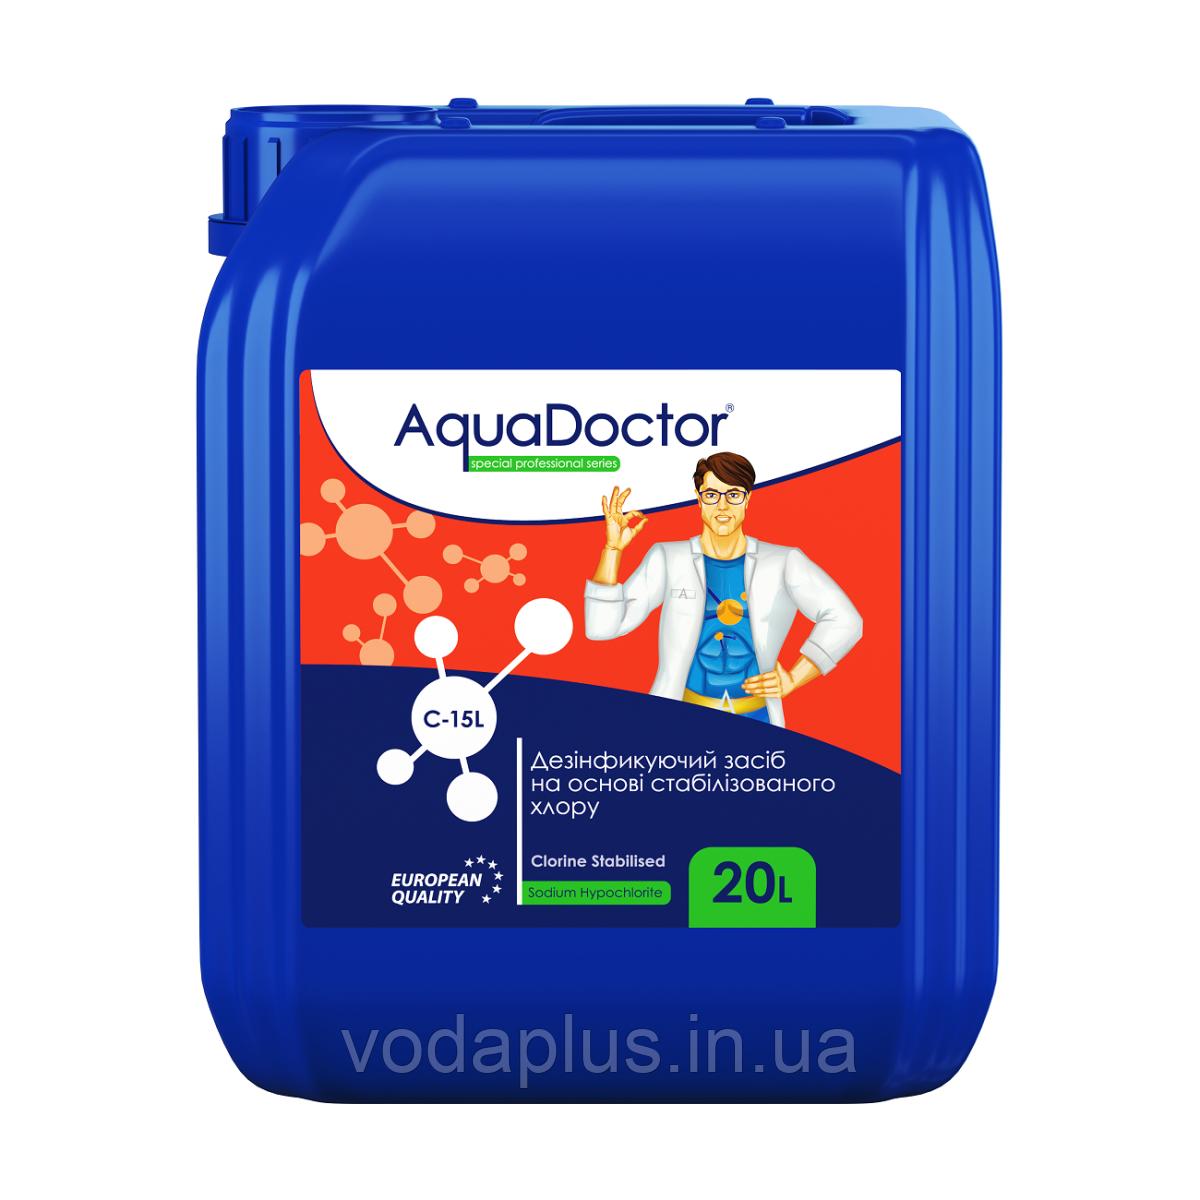 Хлор жидкий AquaDoctor C-15L 20 л